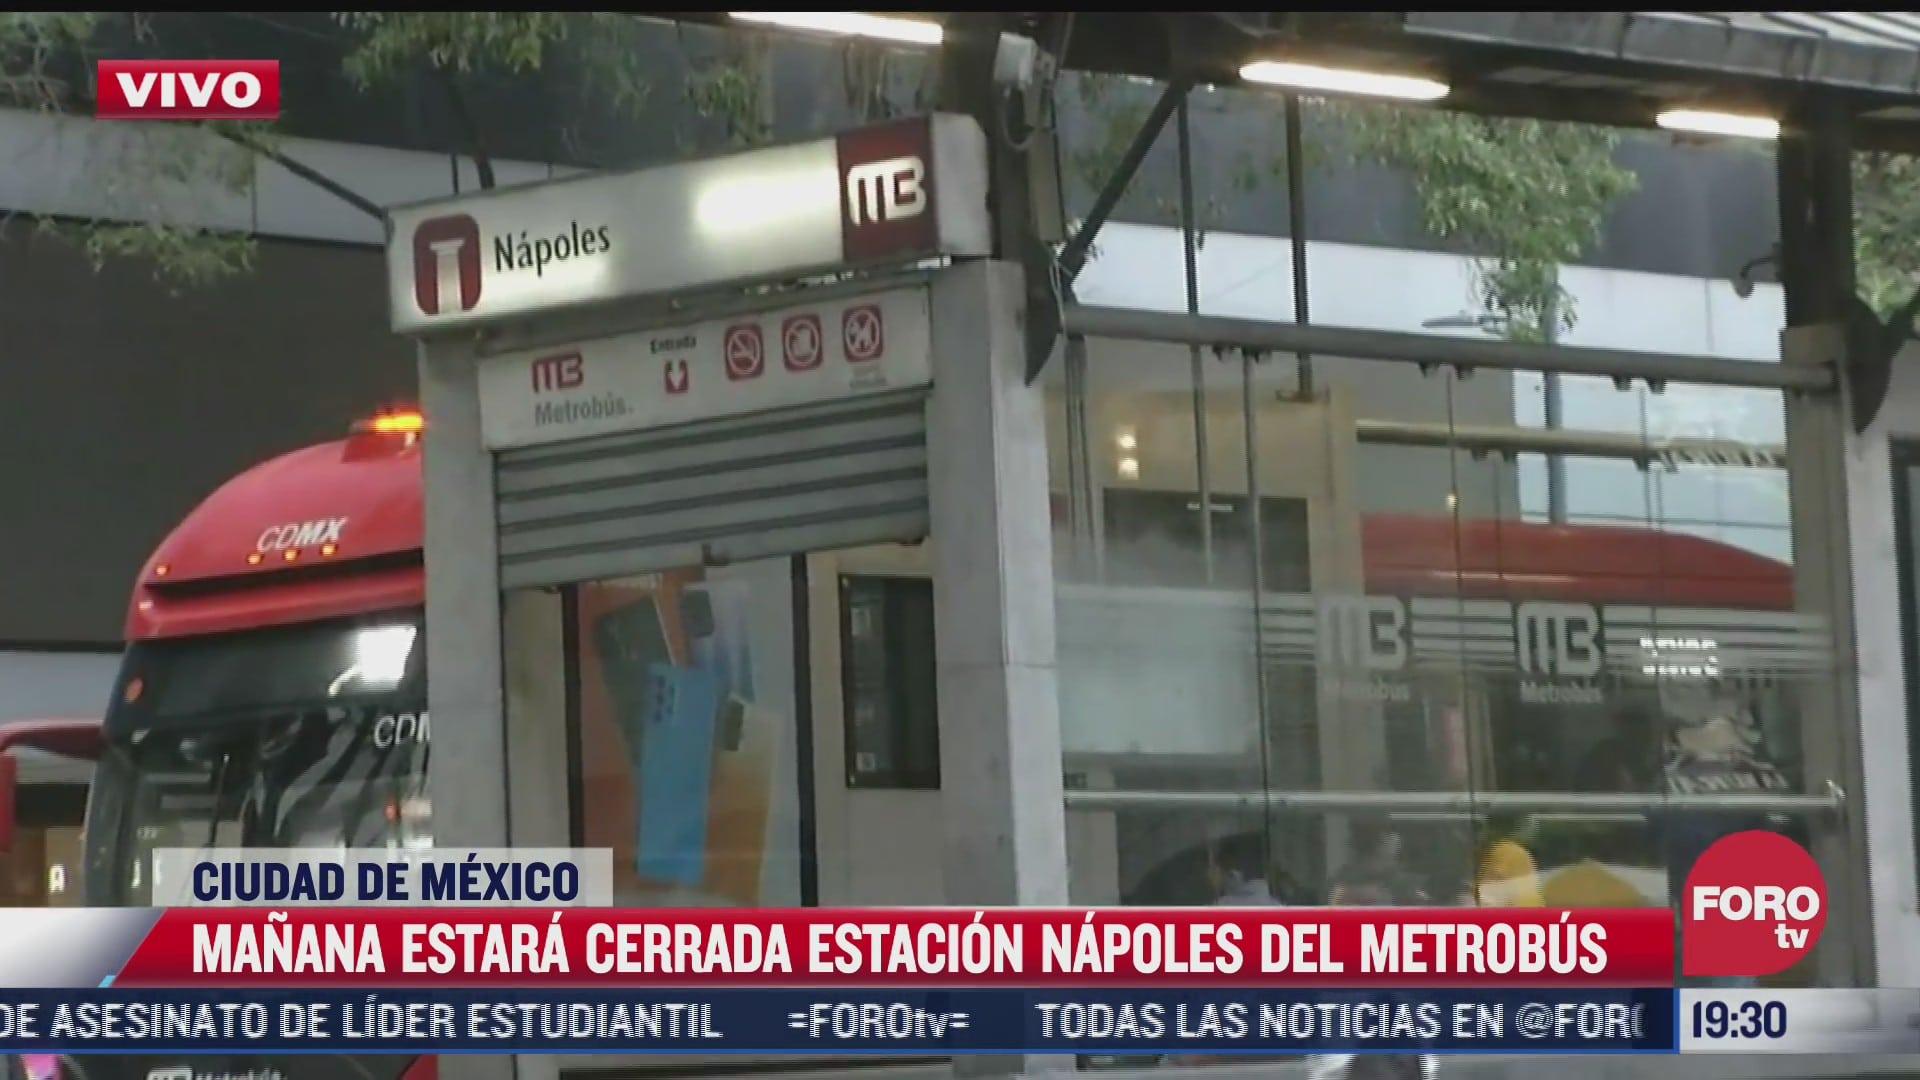 estacion del metrobus napoles de la linea 1 permanecera cerrada el 25 de agosto